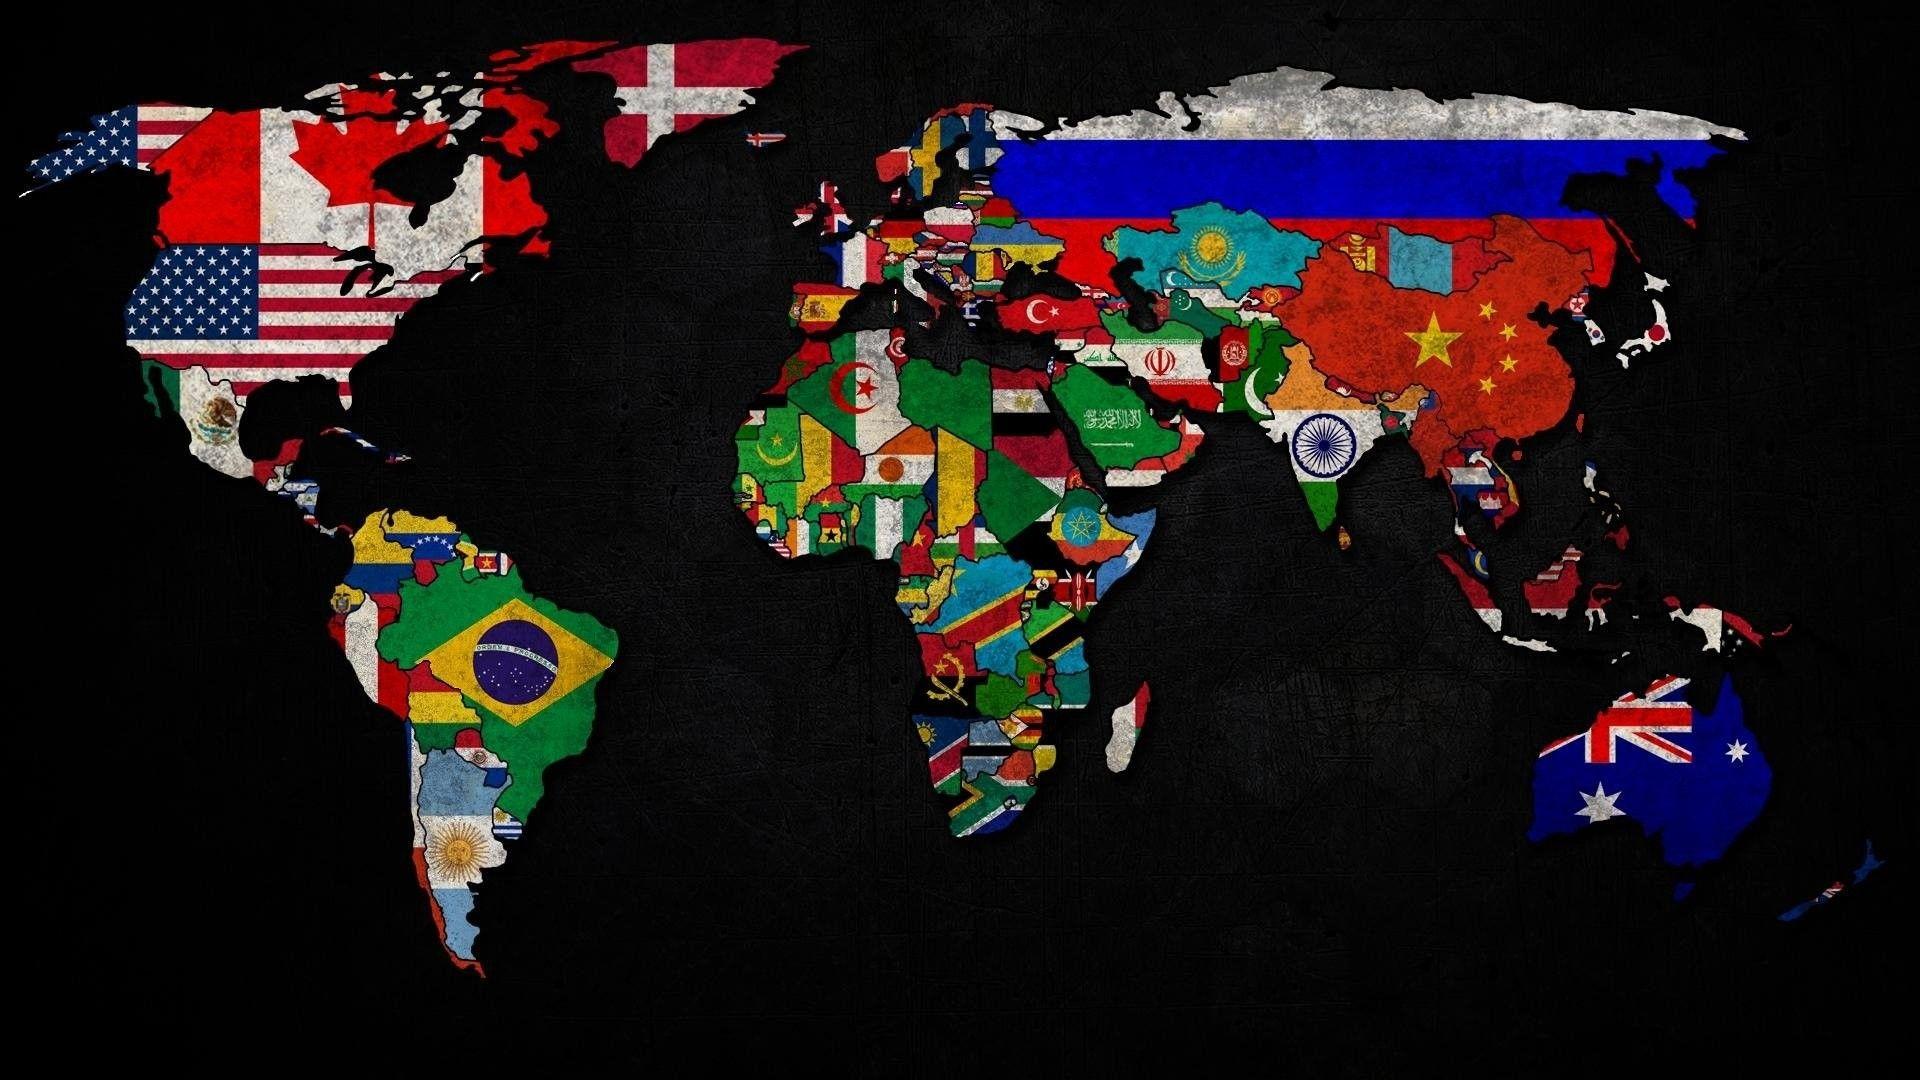 3d world map hd wallpaper best of map of the world hd wallpaper new 3d world